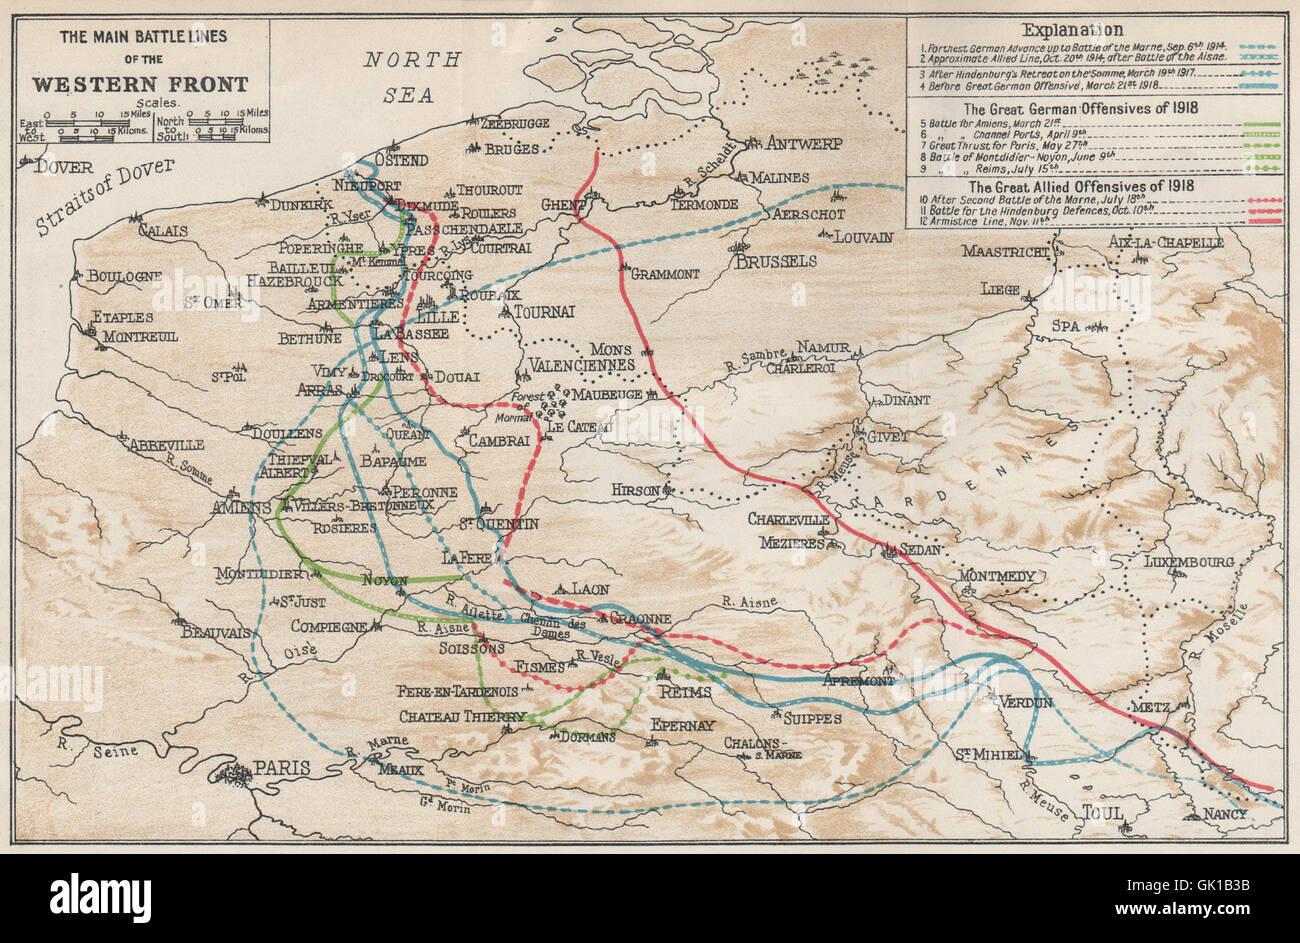 Belgium main battle lines of western front first world war ww1 belgium main battle lines of western front first world war ww1 1930 map gumiabroncs Gallery